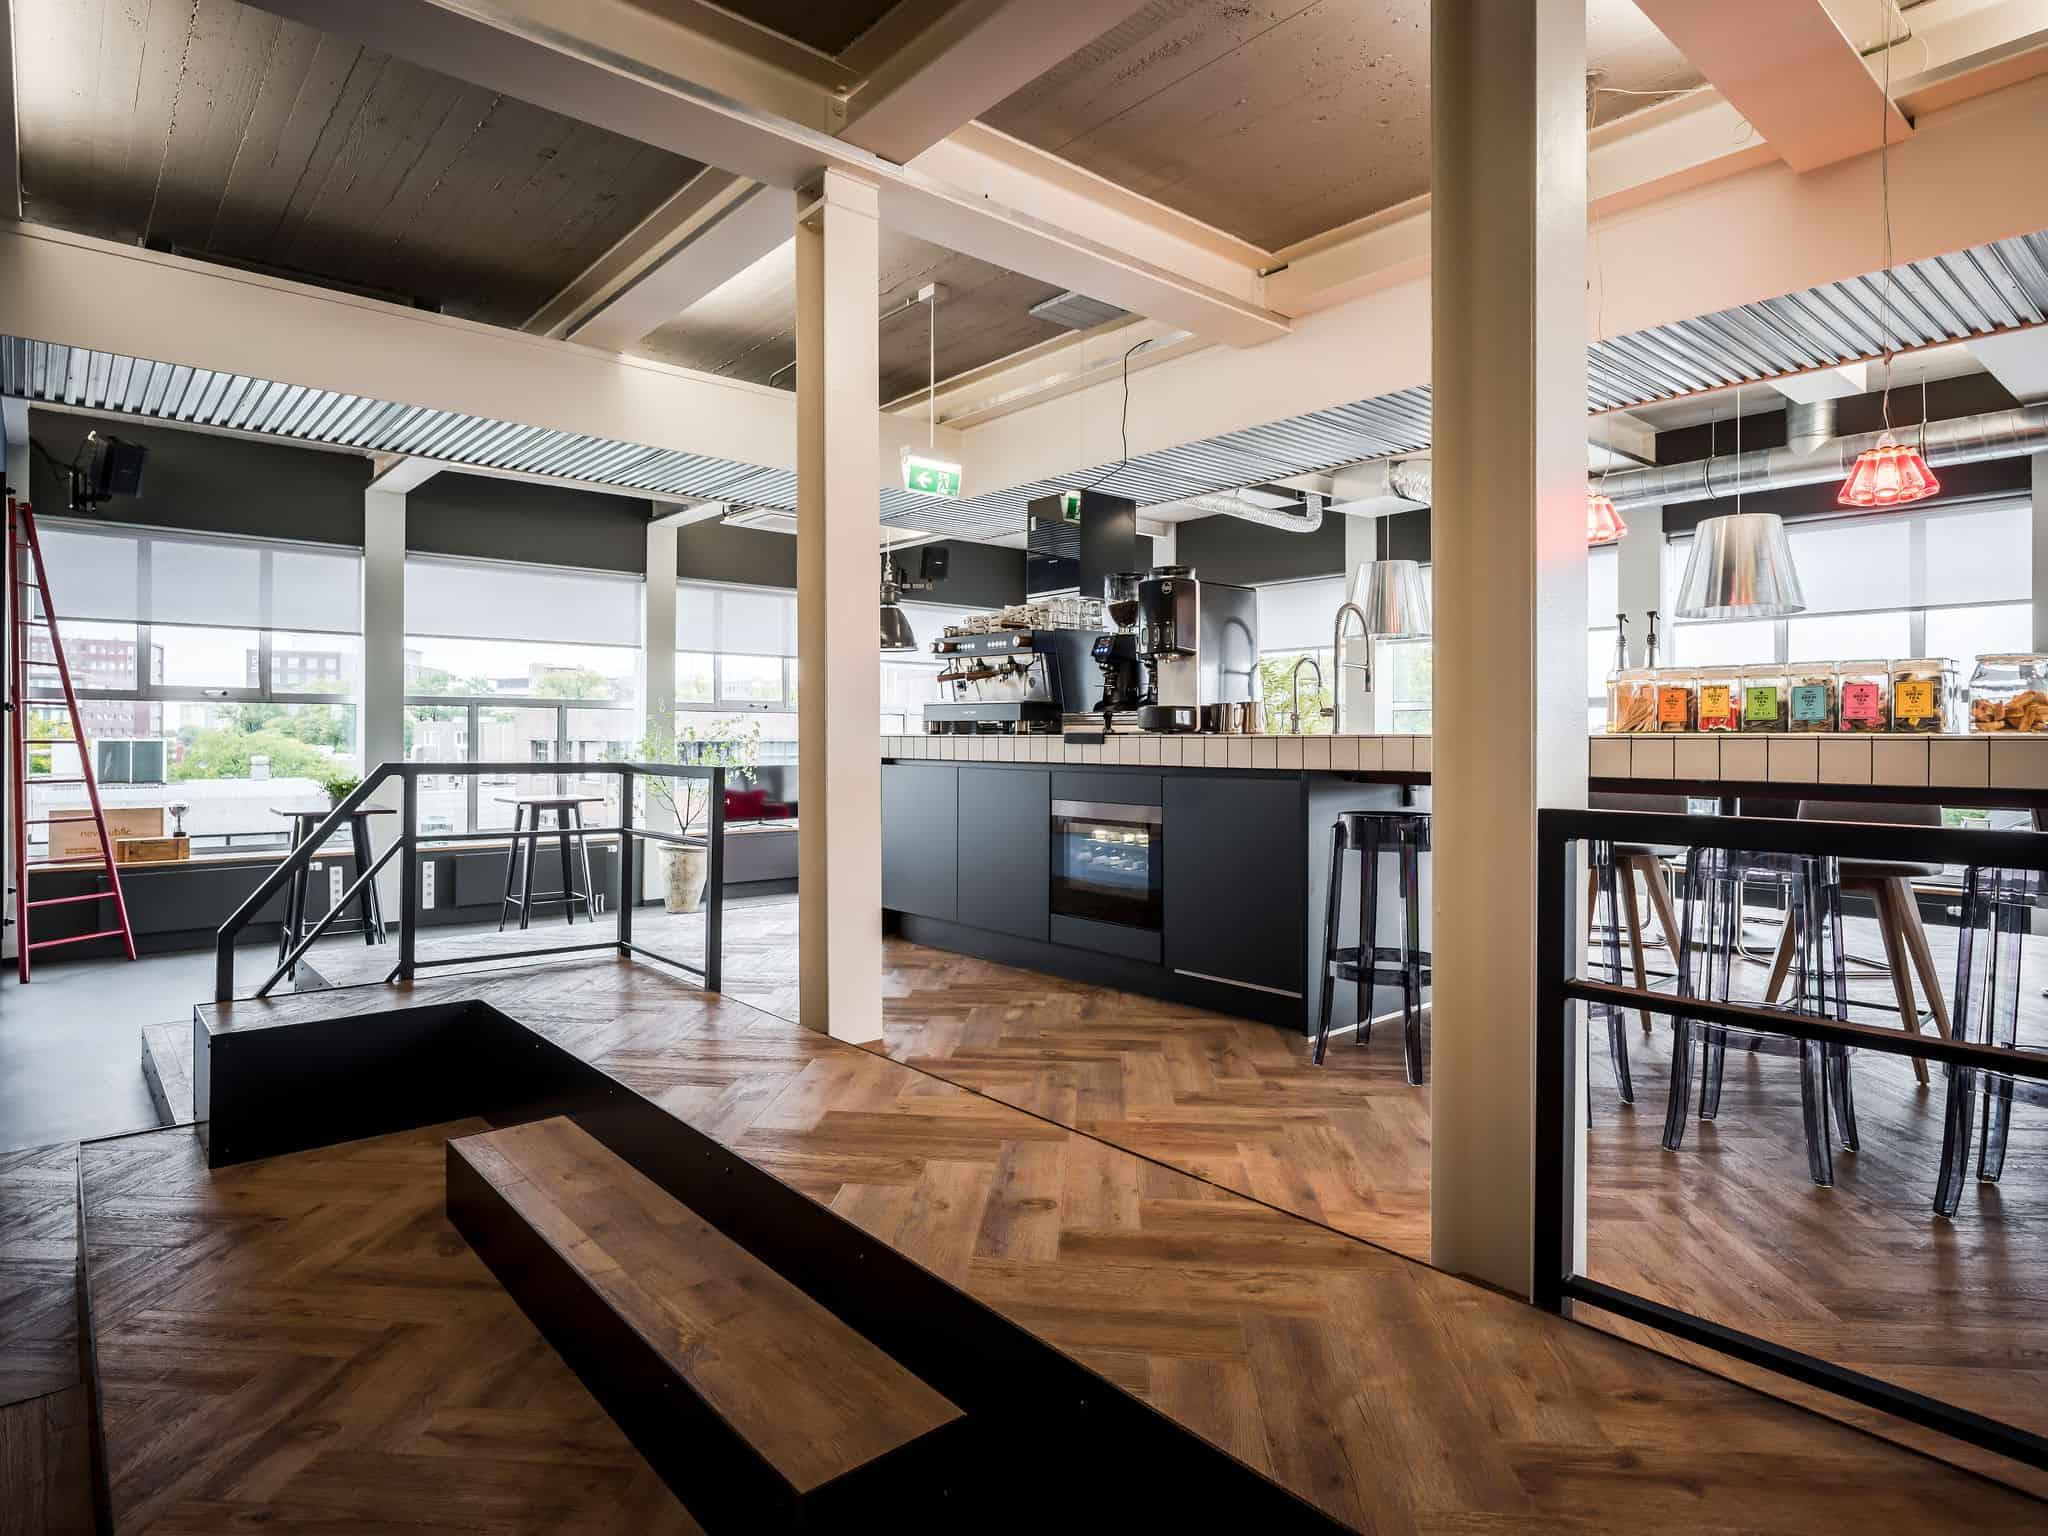 interieurarchitect ontwerpt kantoor aula Newpublic AEG bar krukken aula Quooker Bacchi